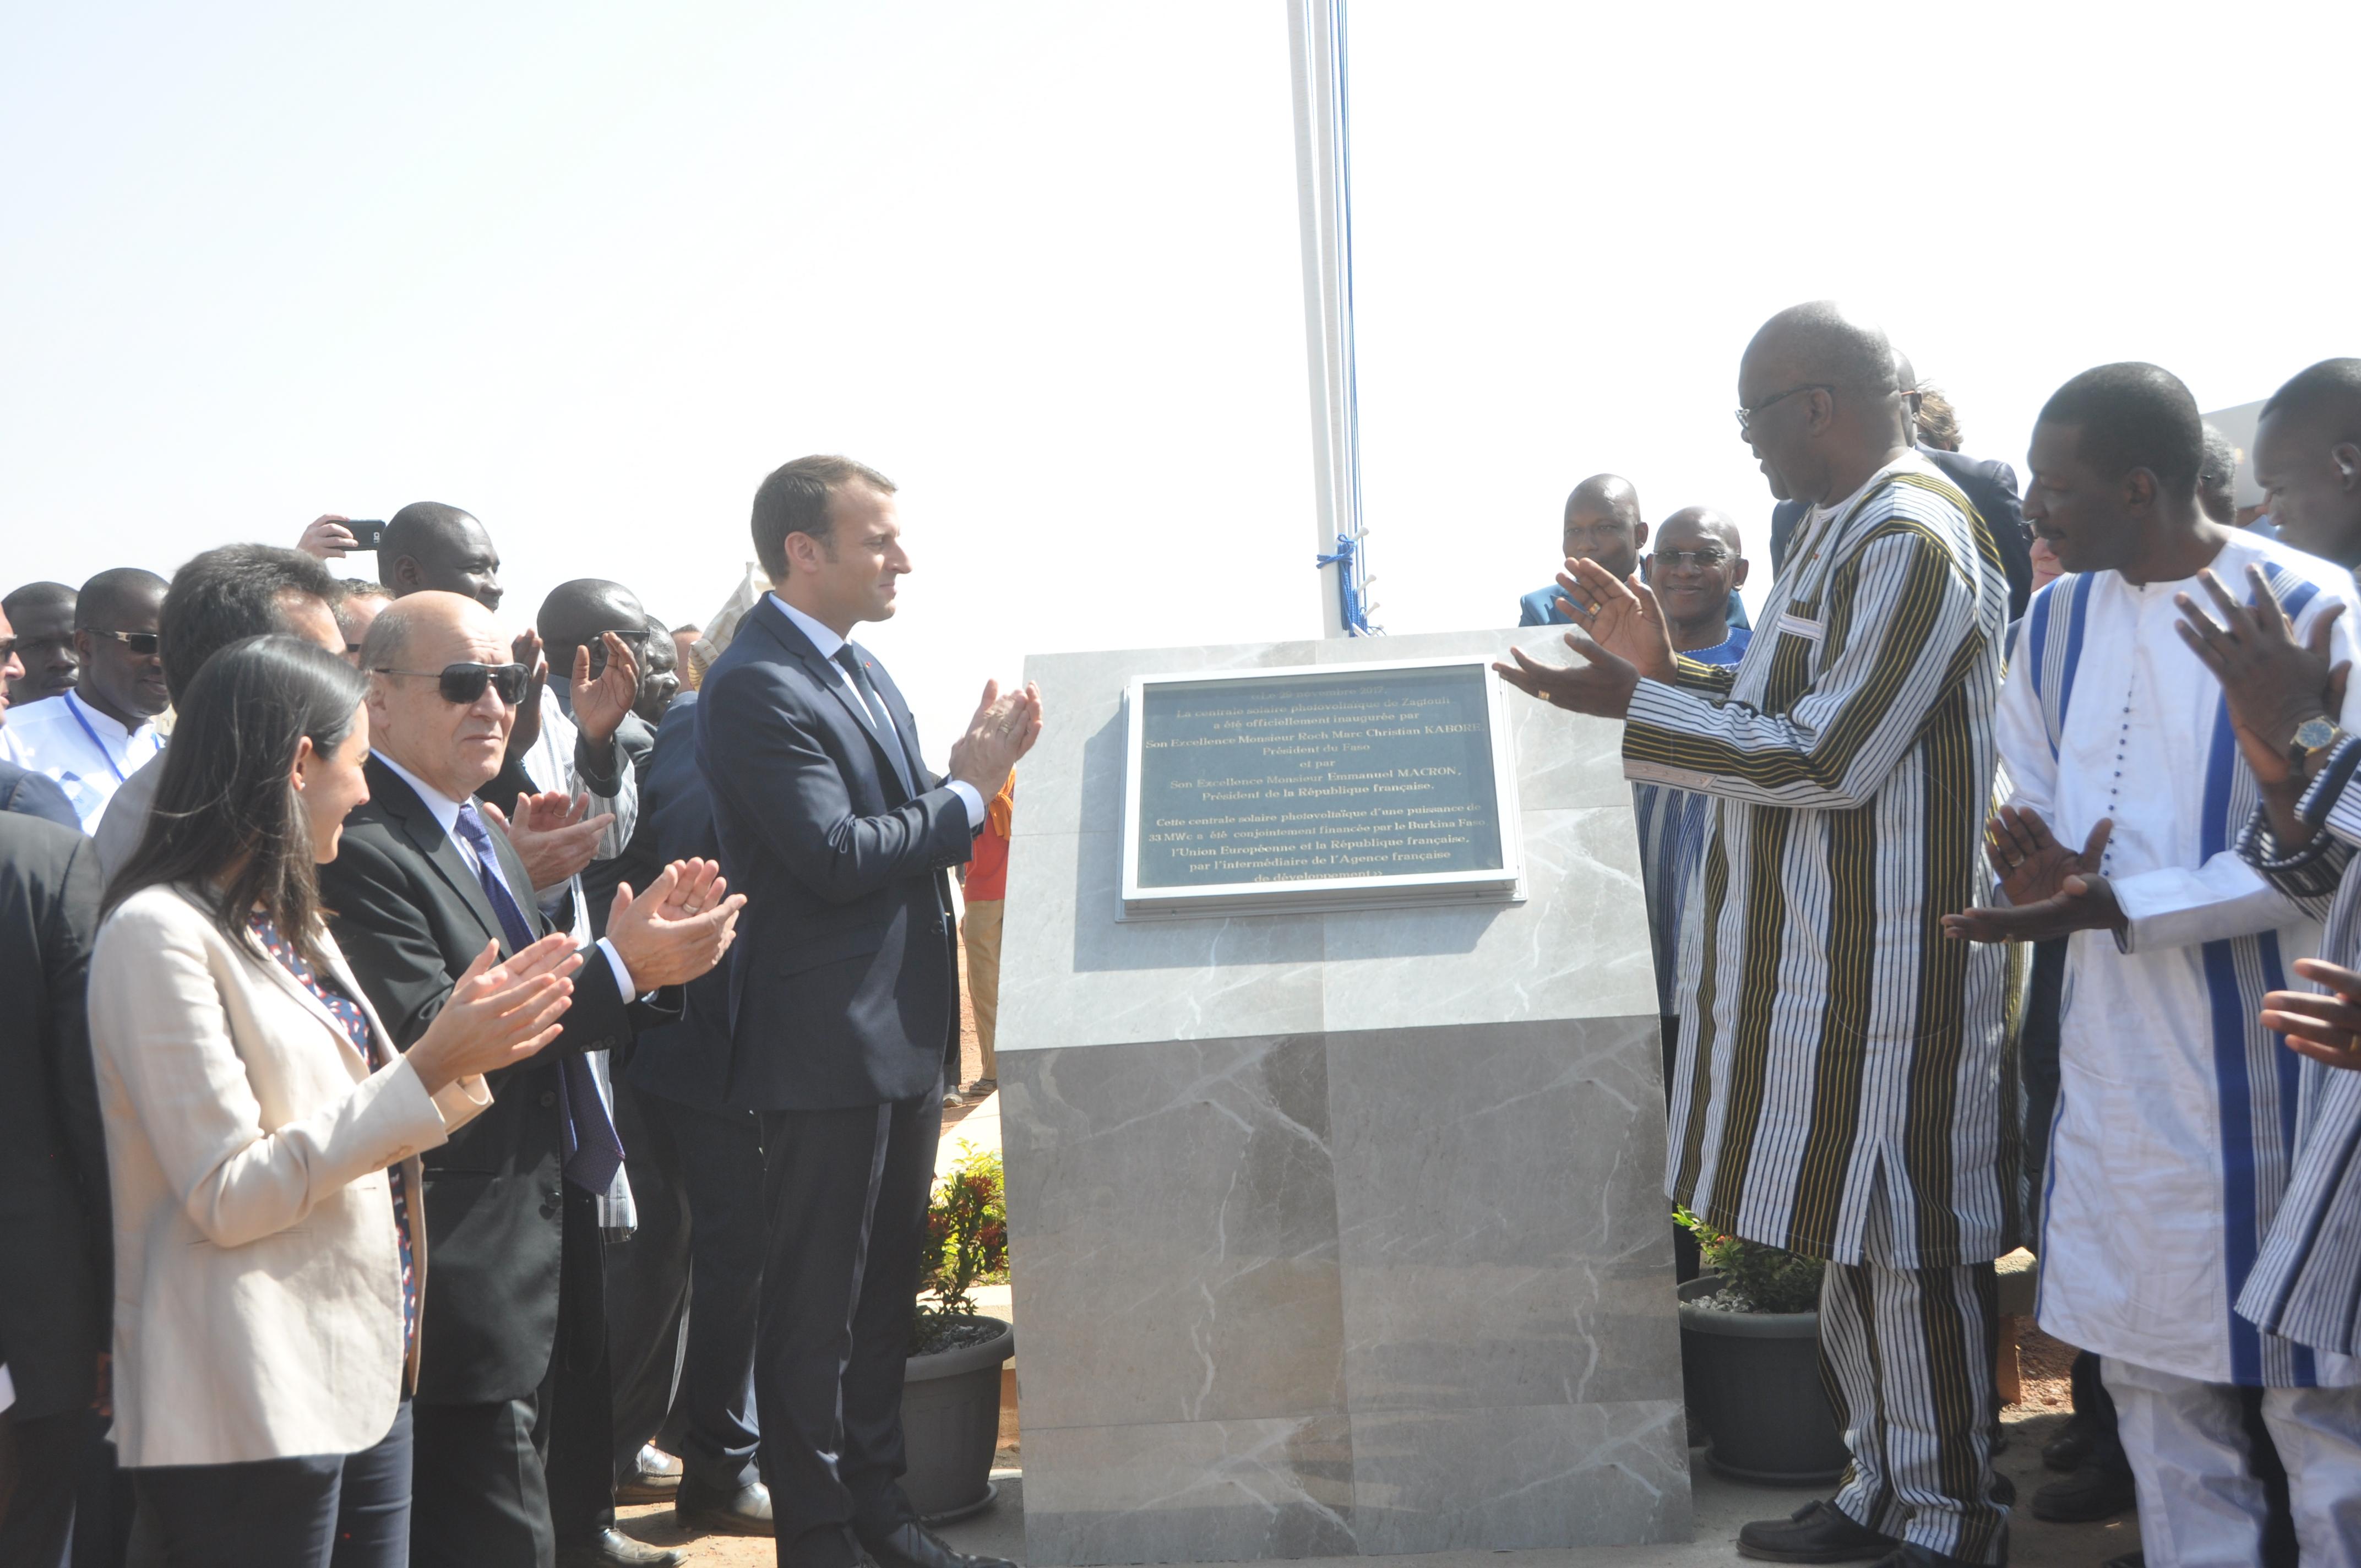 Centrale solaire photovoltaïque de Zagtouli: Les présidents Kaboré et Macron ont procédé à son inauguration